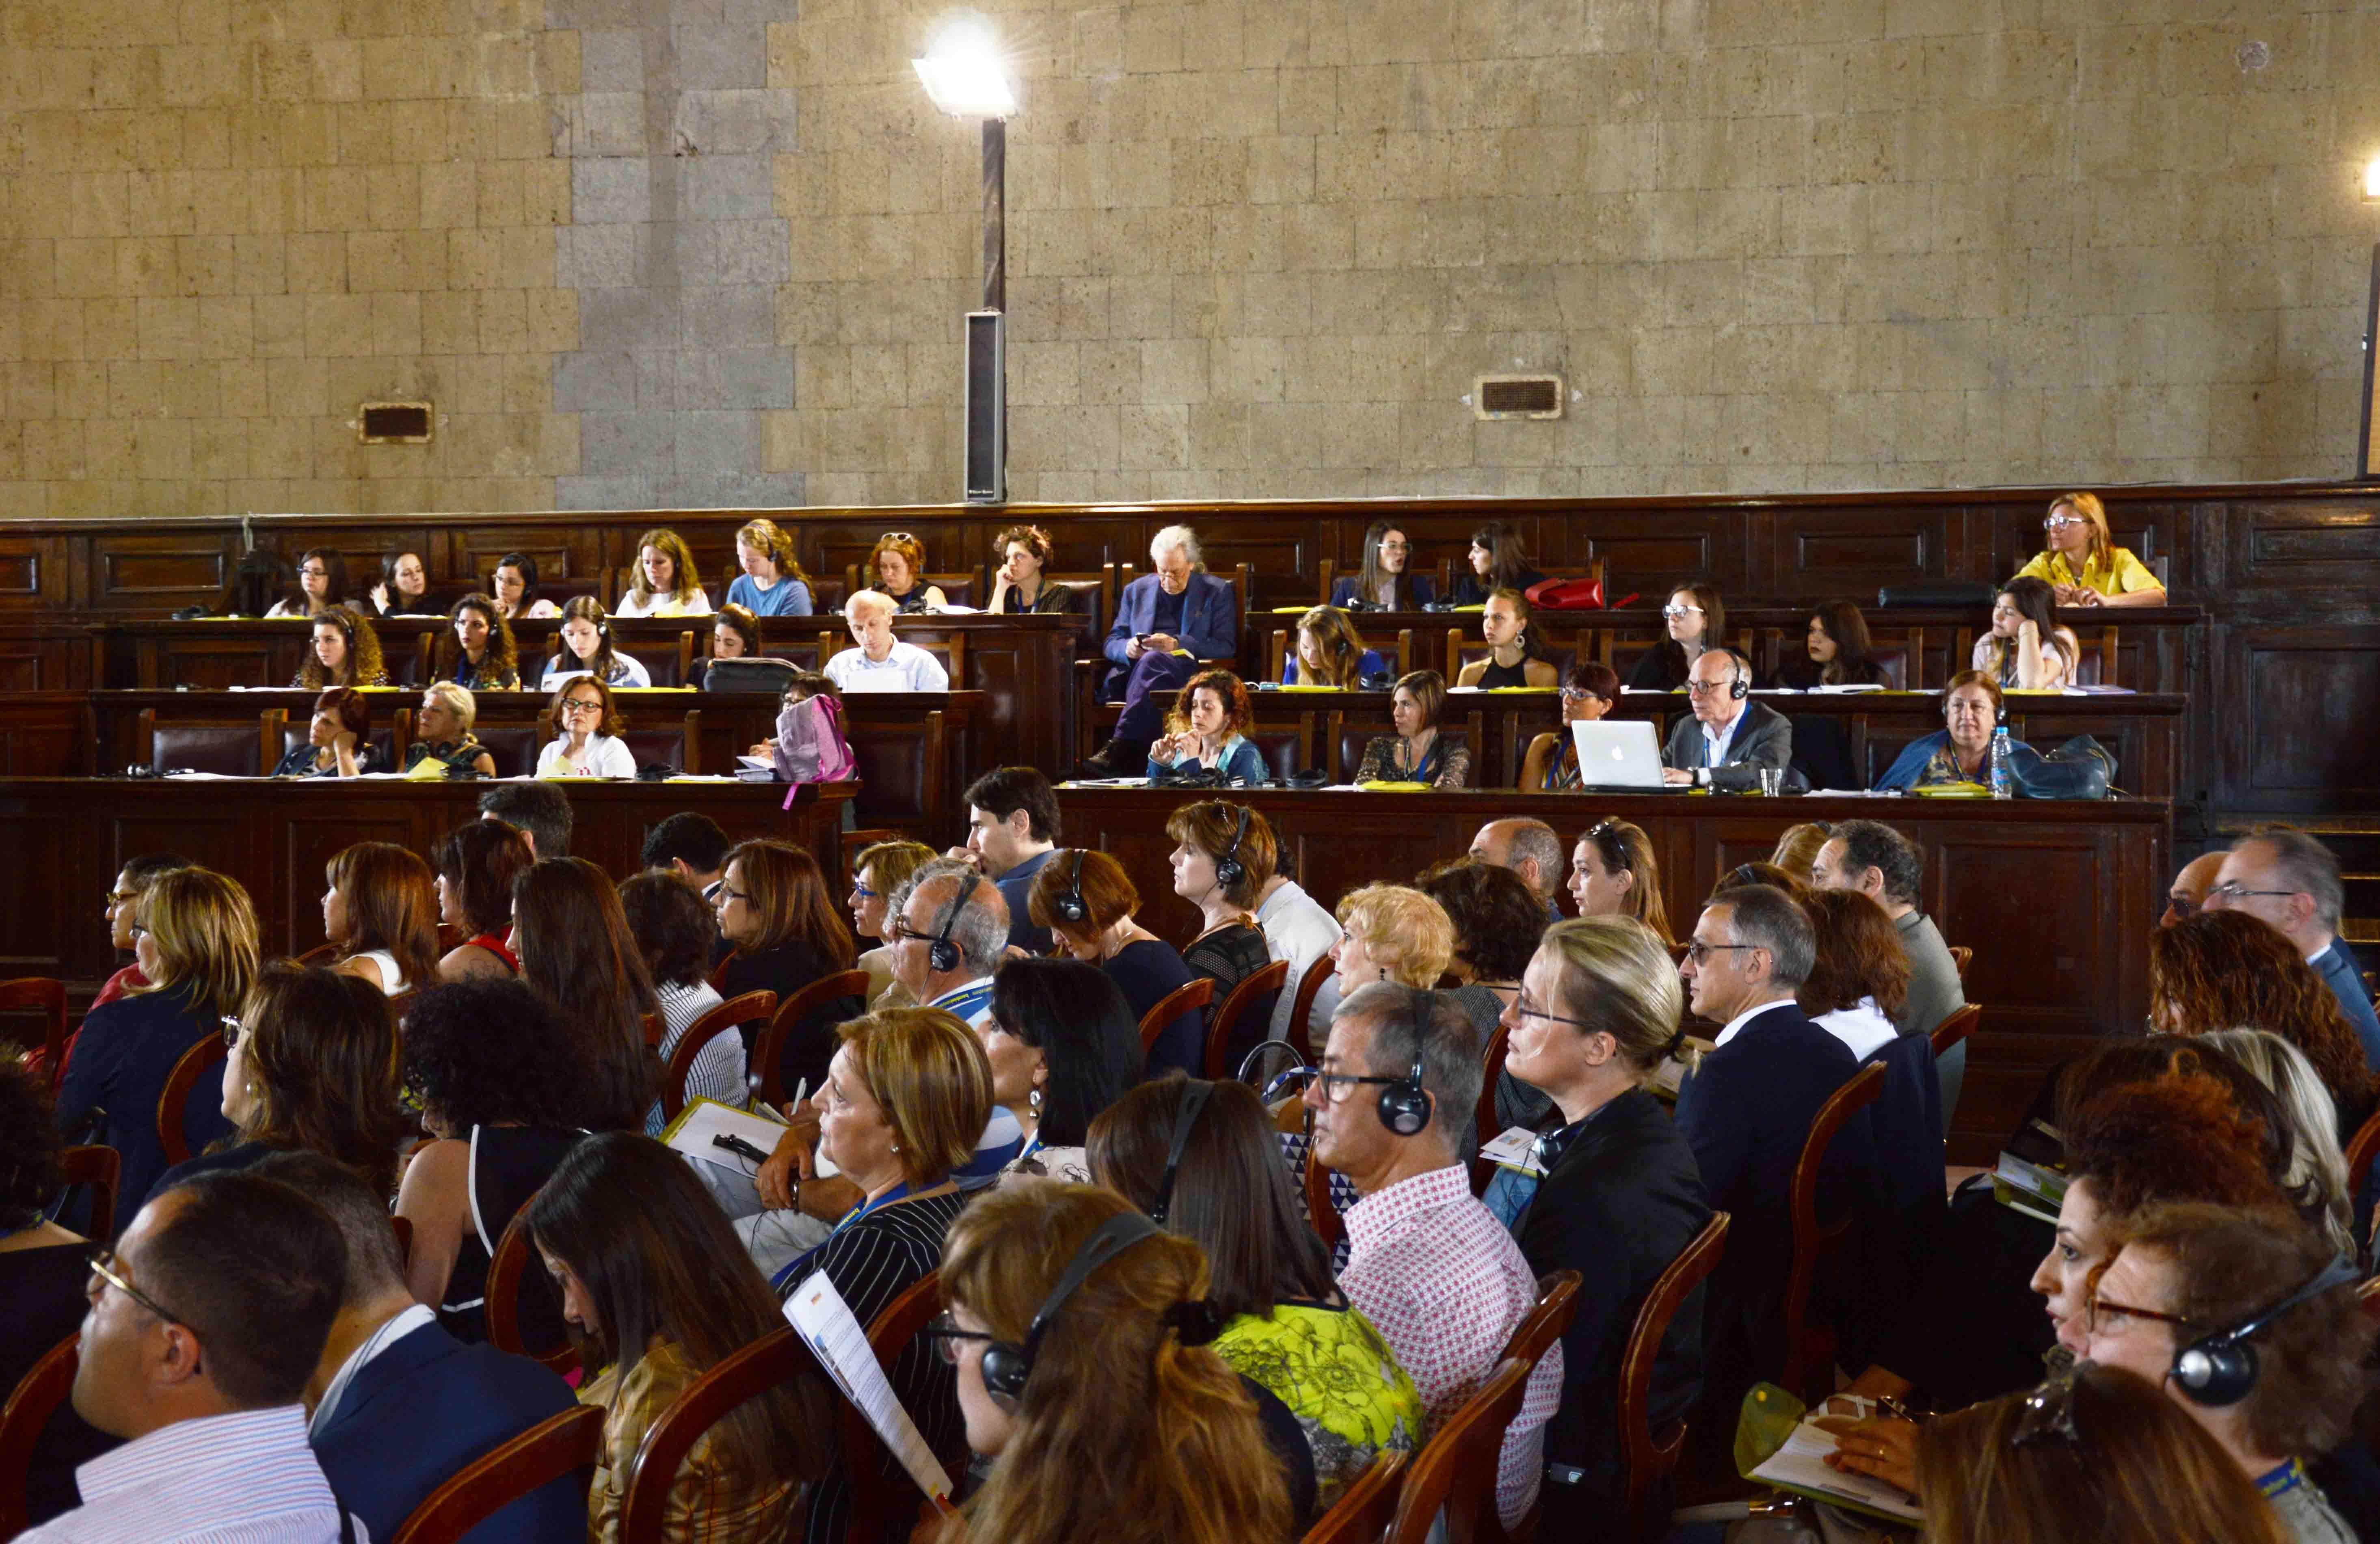 Conferenza, Napoli 2017